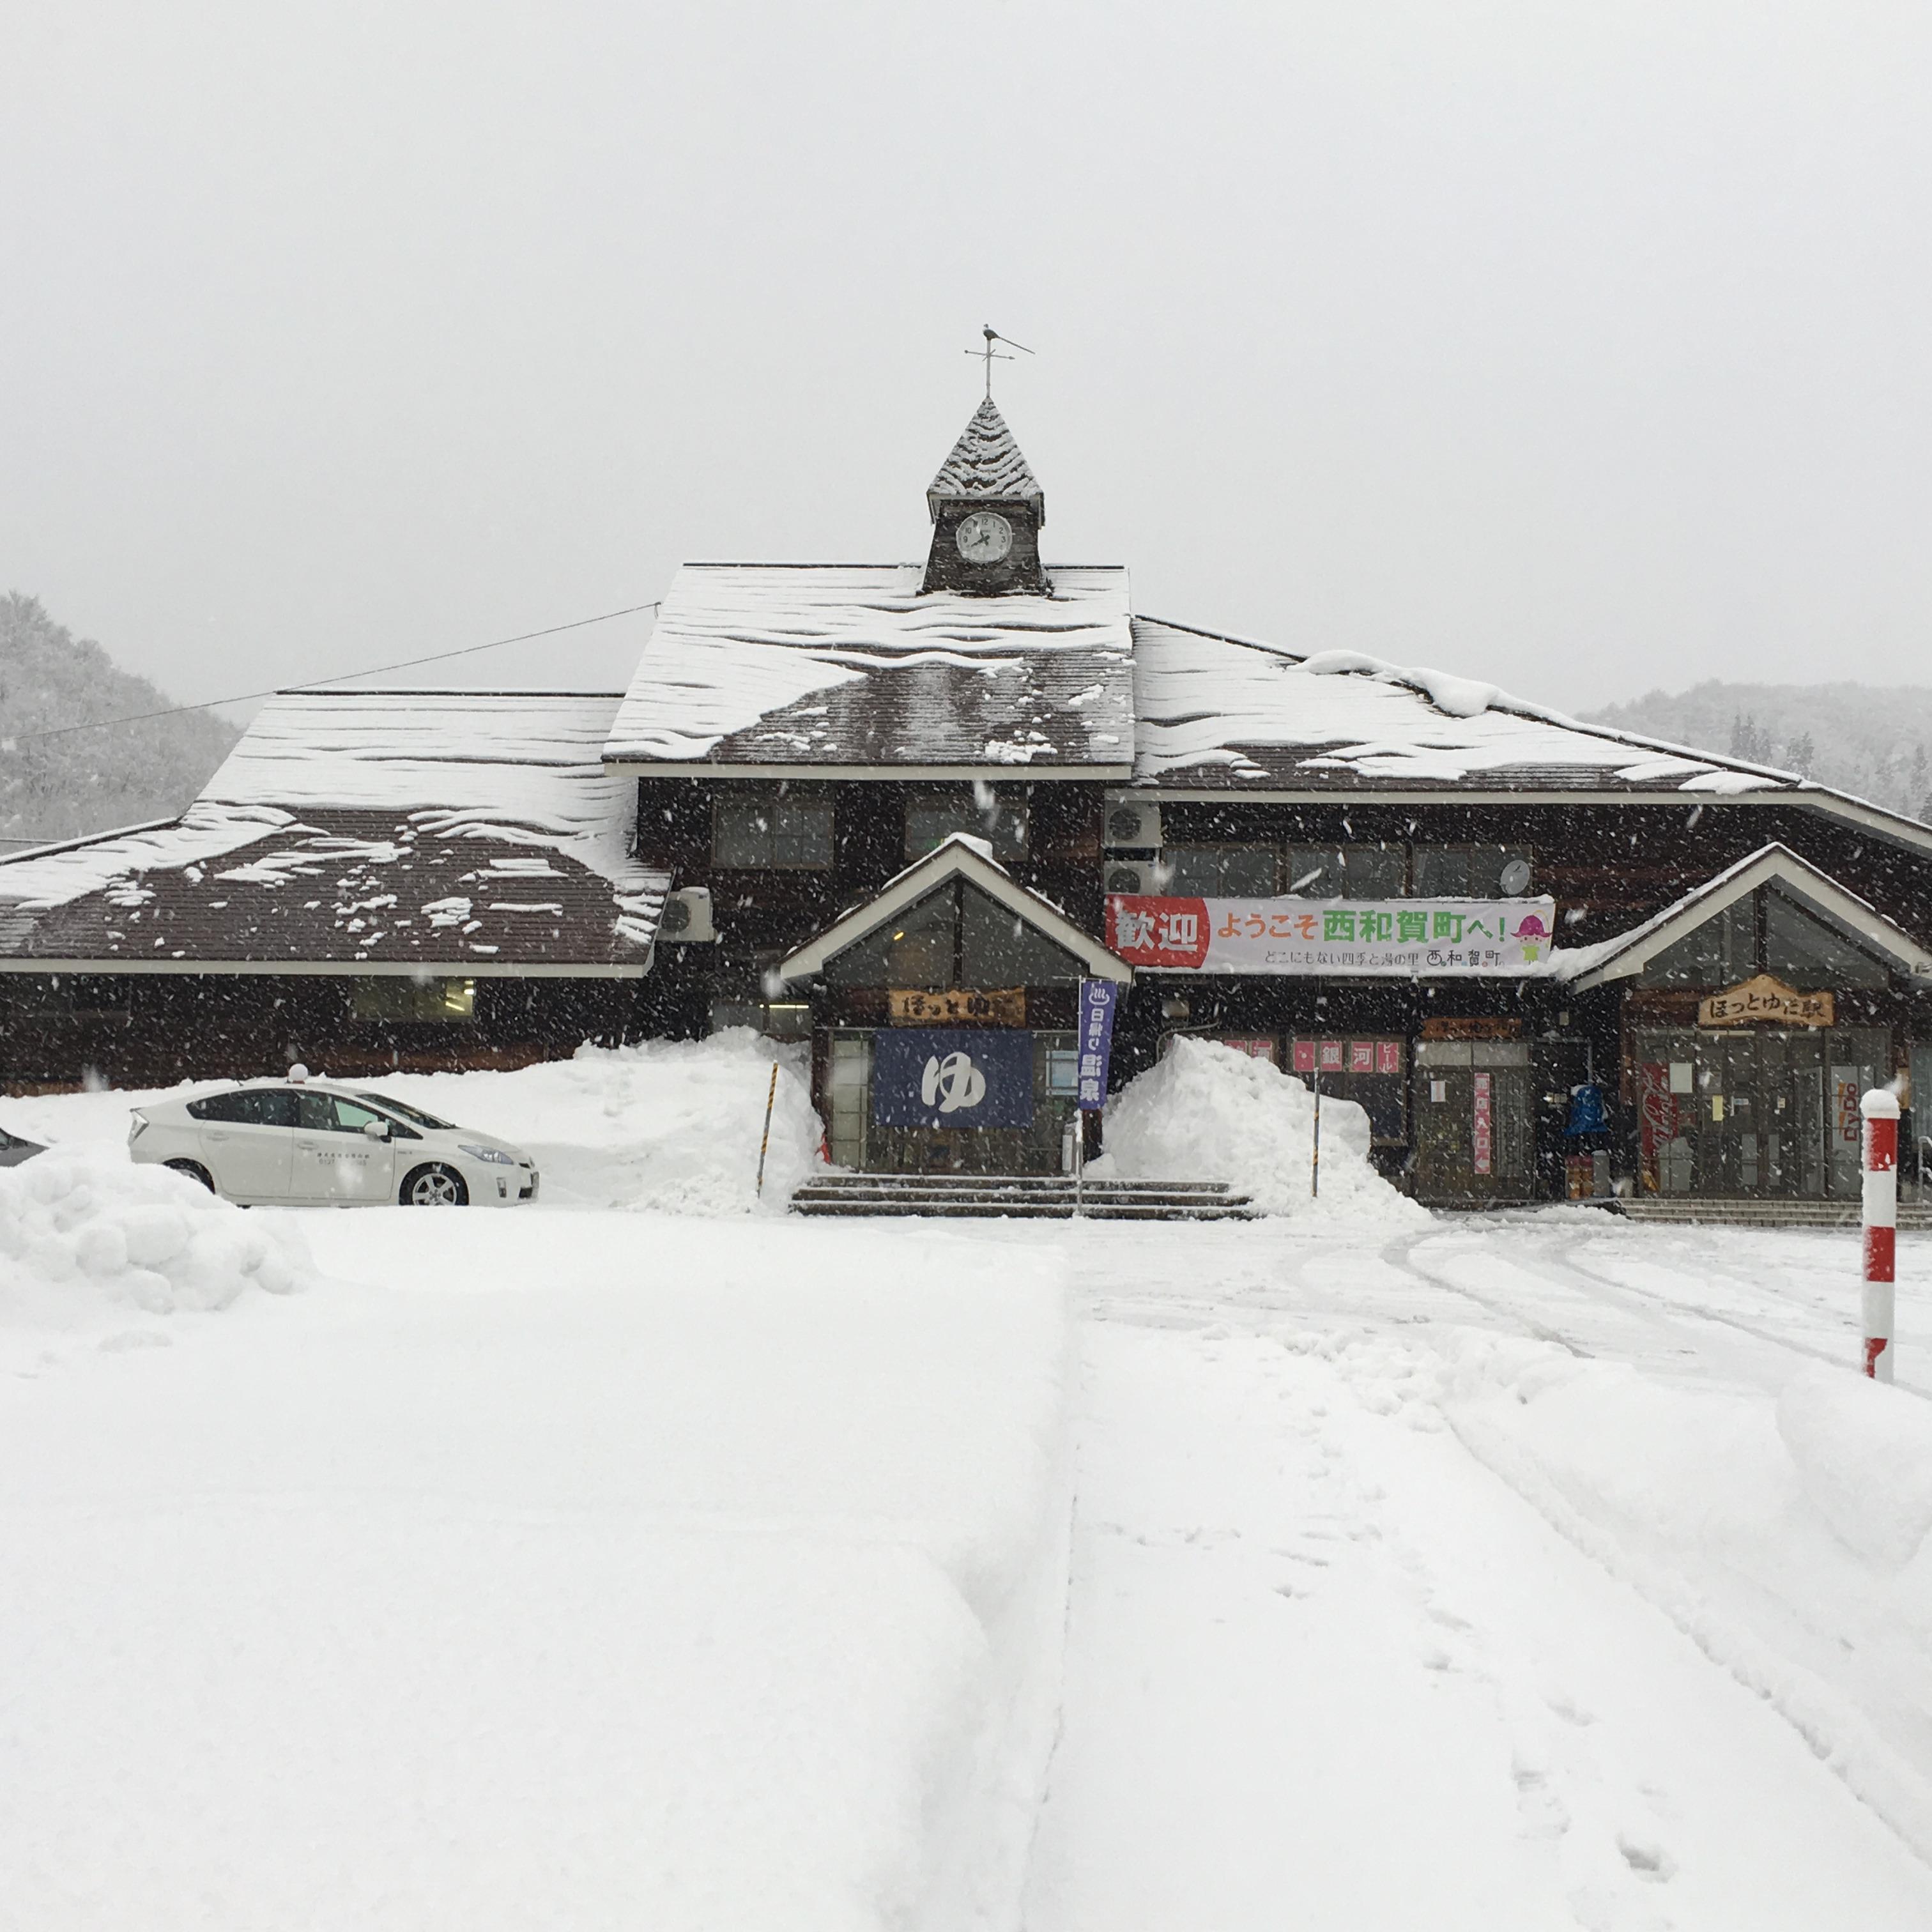 冬の東北、列車でぬくぬく雪見行。_1_1-5